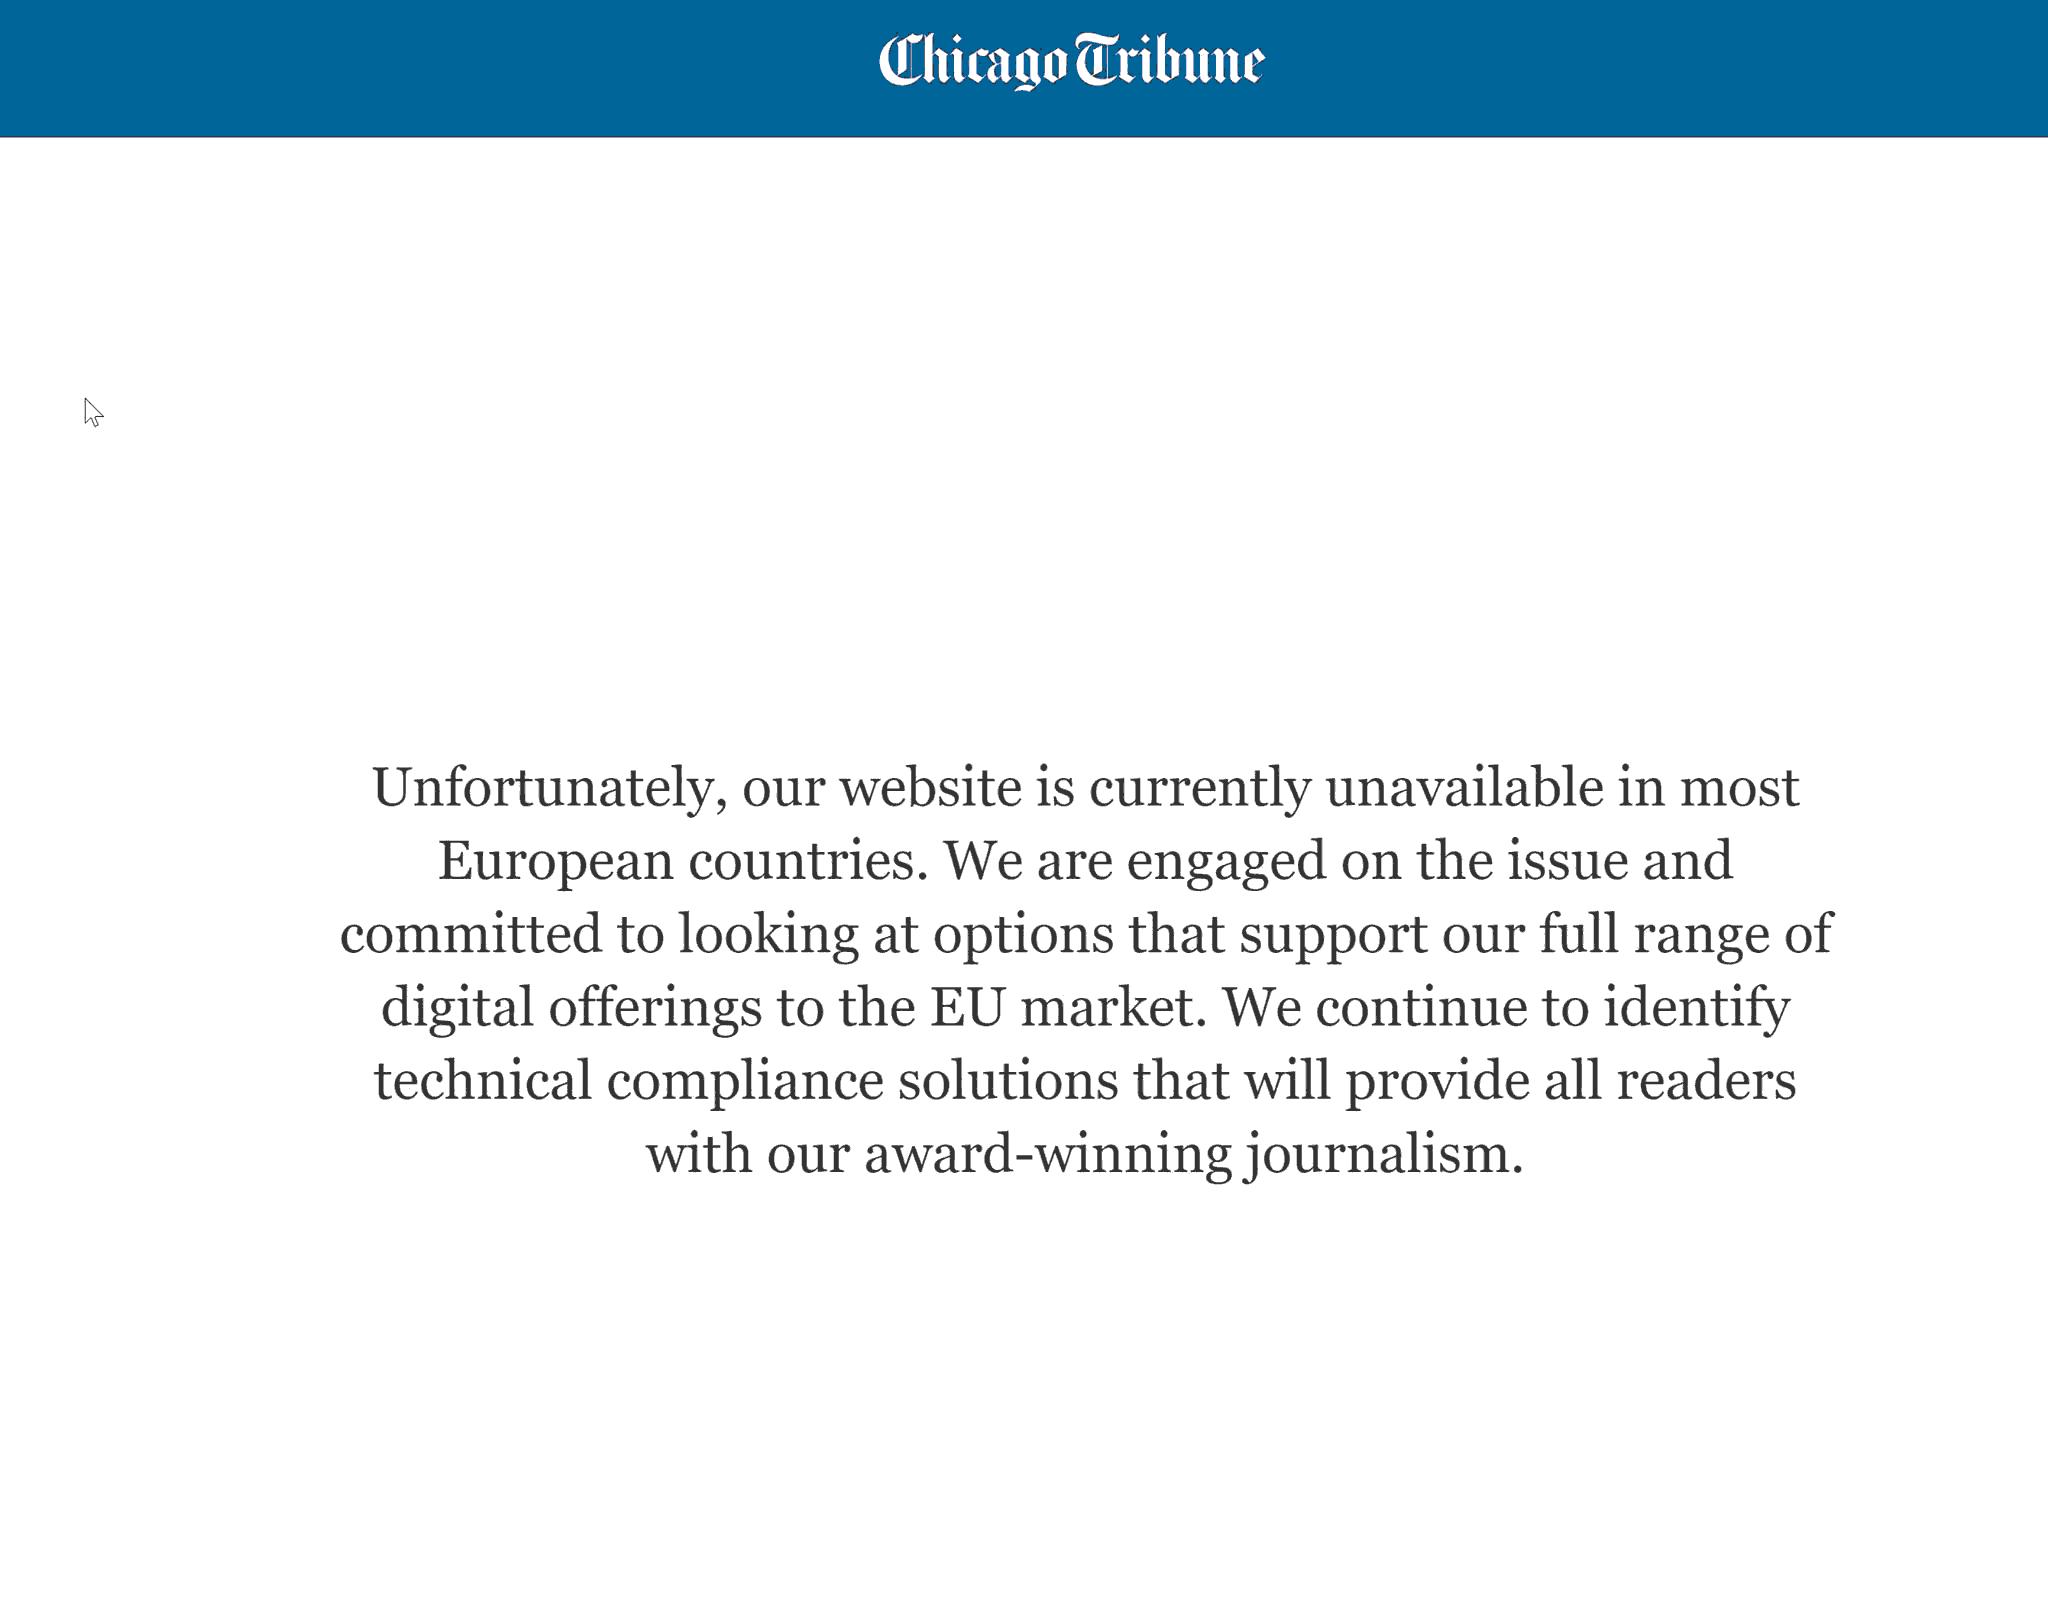 Screenshot: Chicago Tribune für europäische Nutzer gesperrt